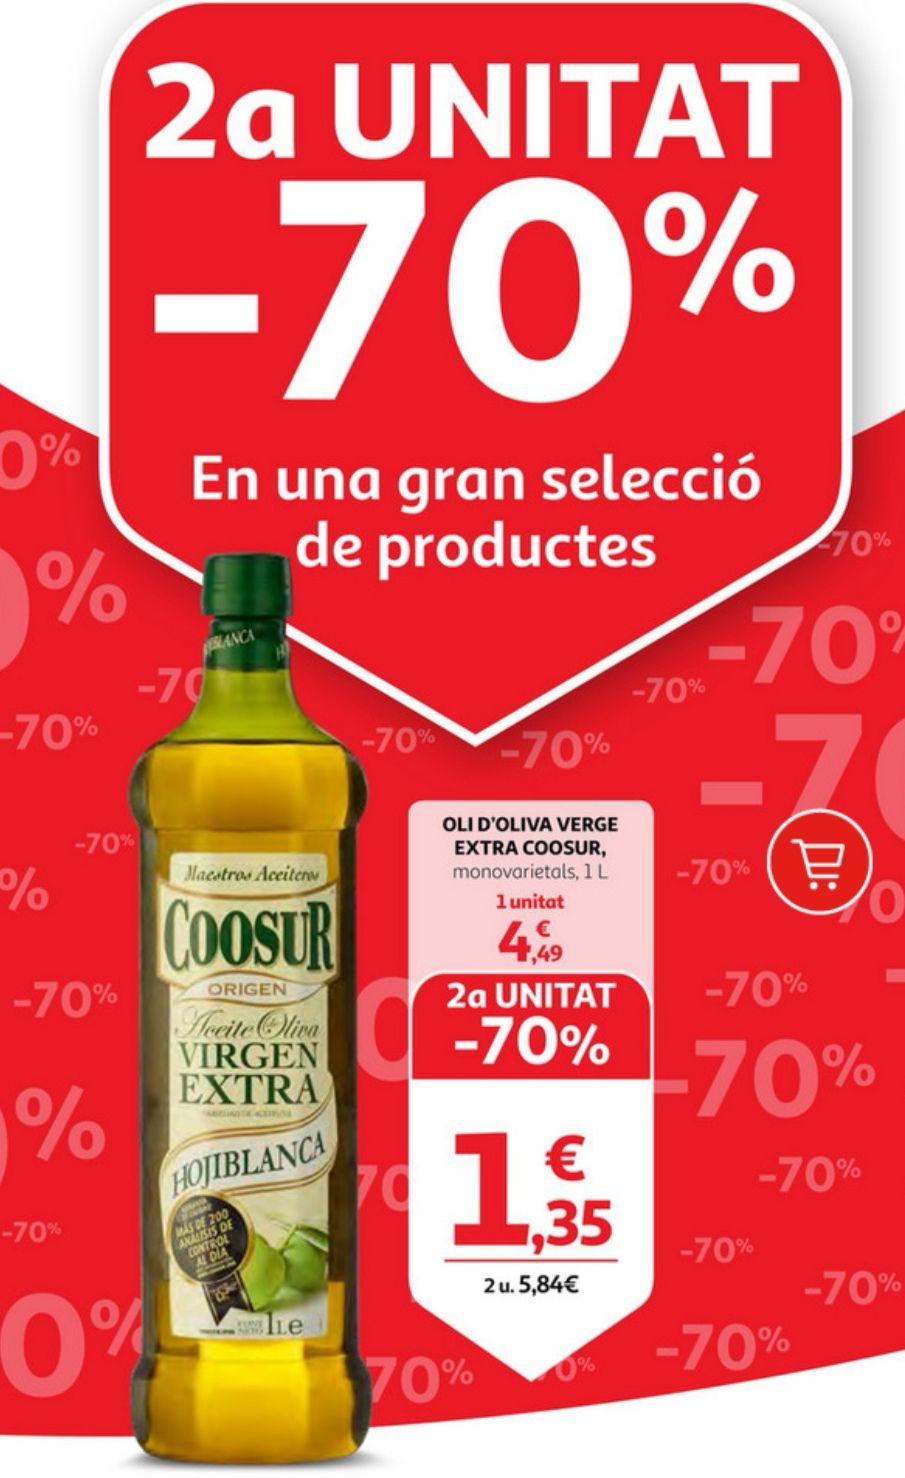 -70% en la segunda unidad - Coosur aceite de oliva virgen extra Hojiblanca . 2° unidad 1.35€